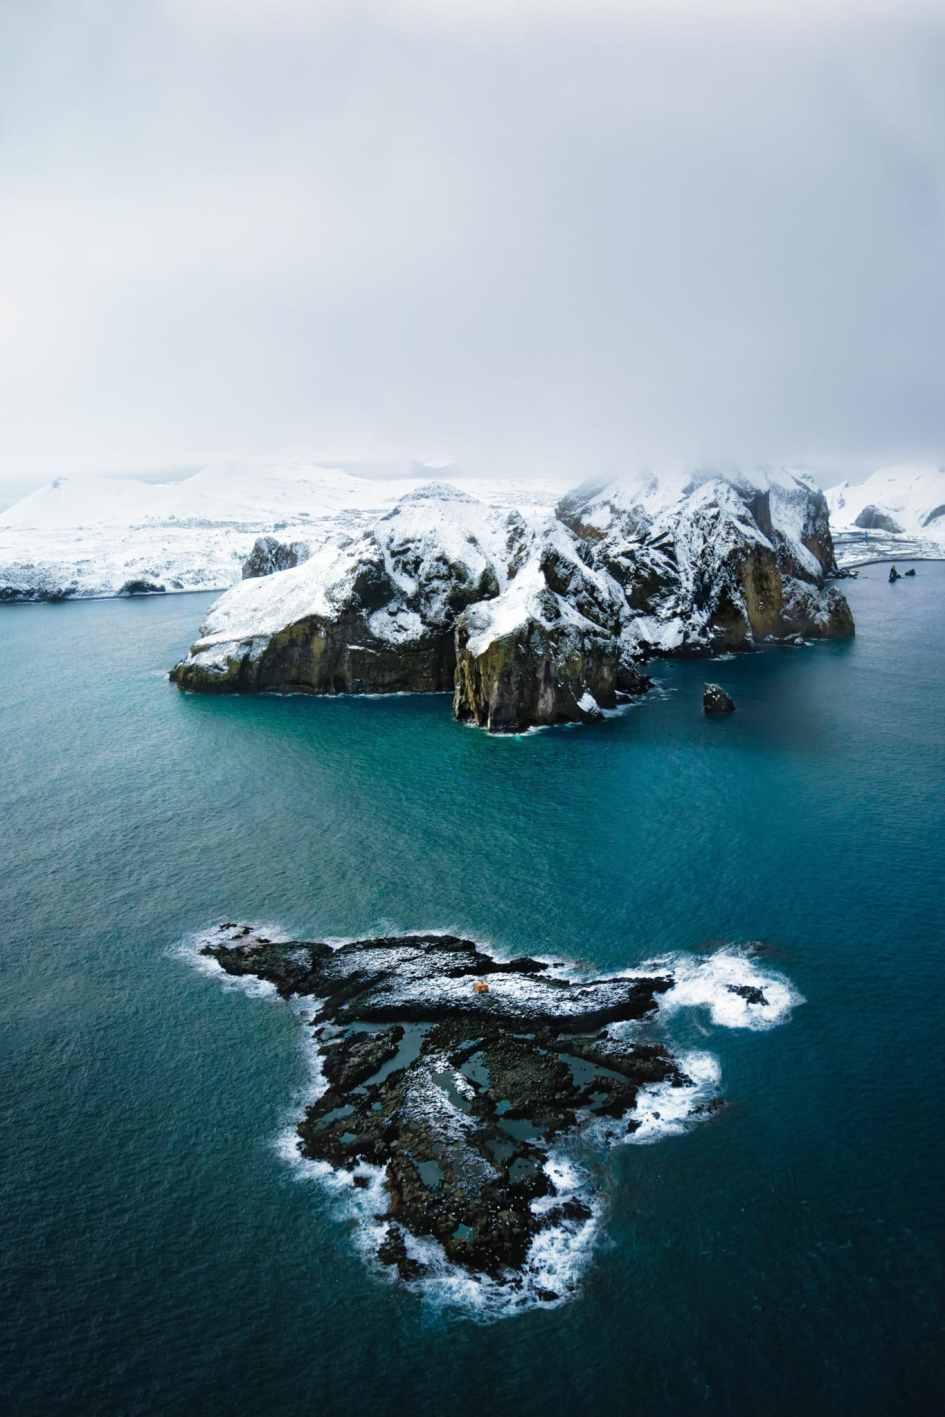 Paysage d'Islande, version après retouche - 4 techniques pour corriger les défauts sur Lightroom et Photoshop